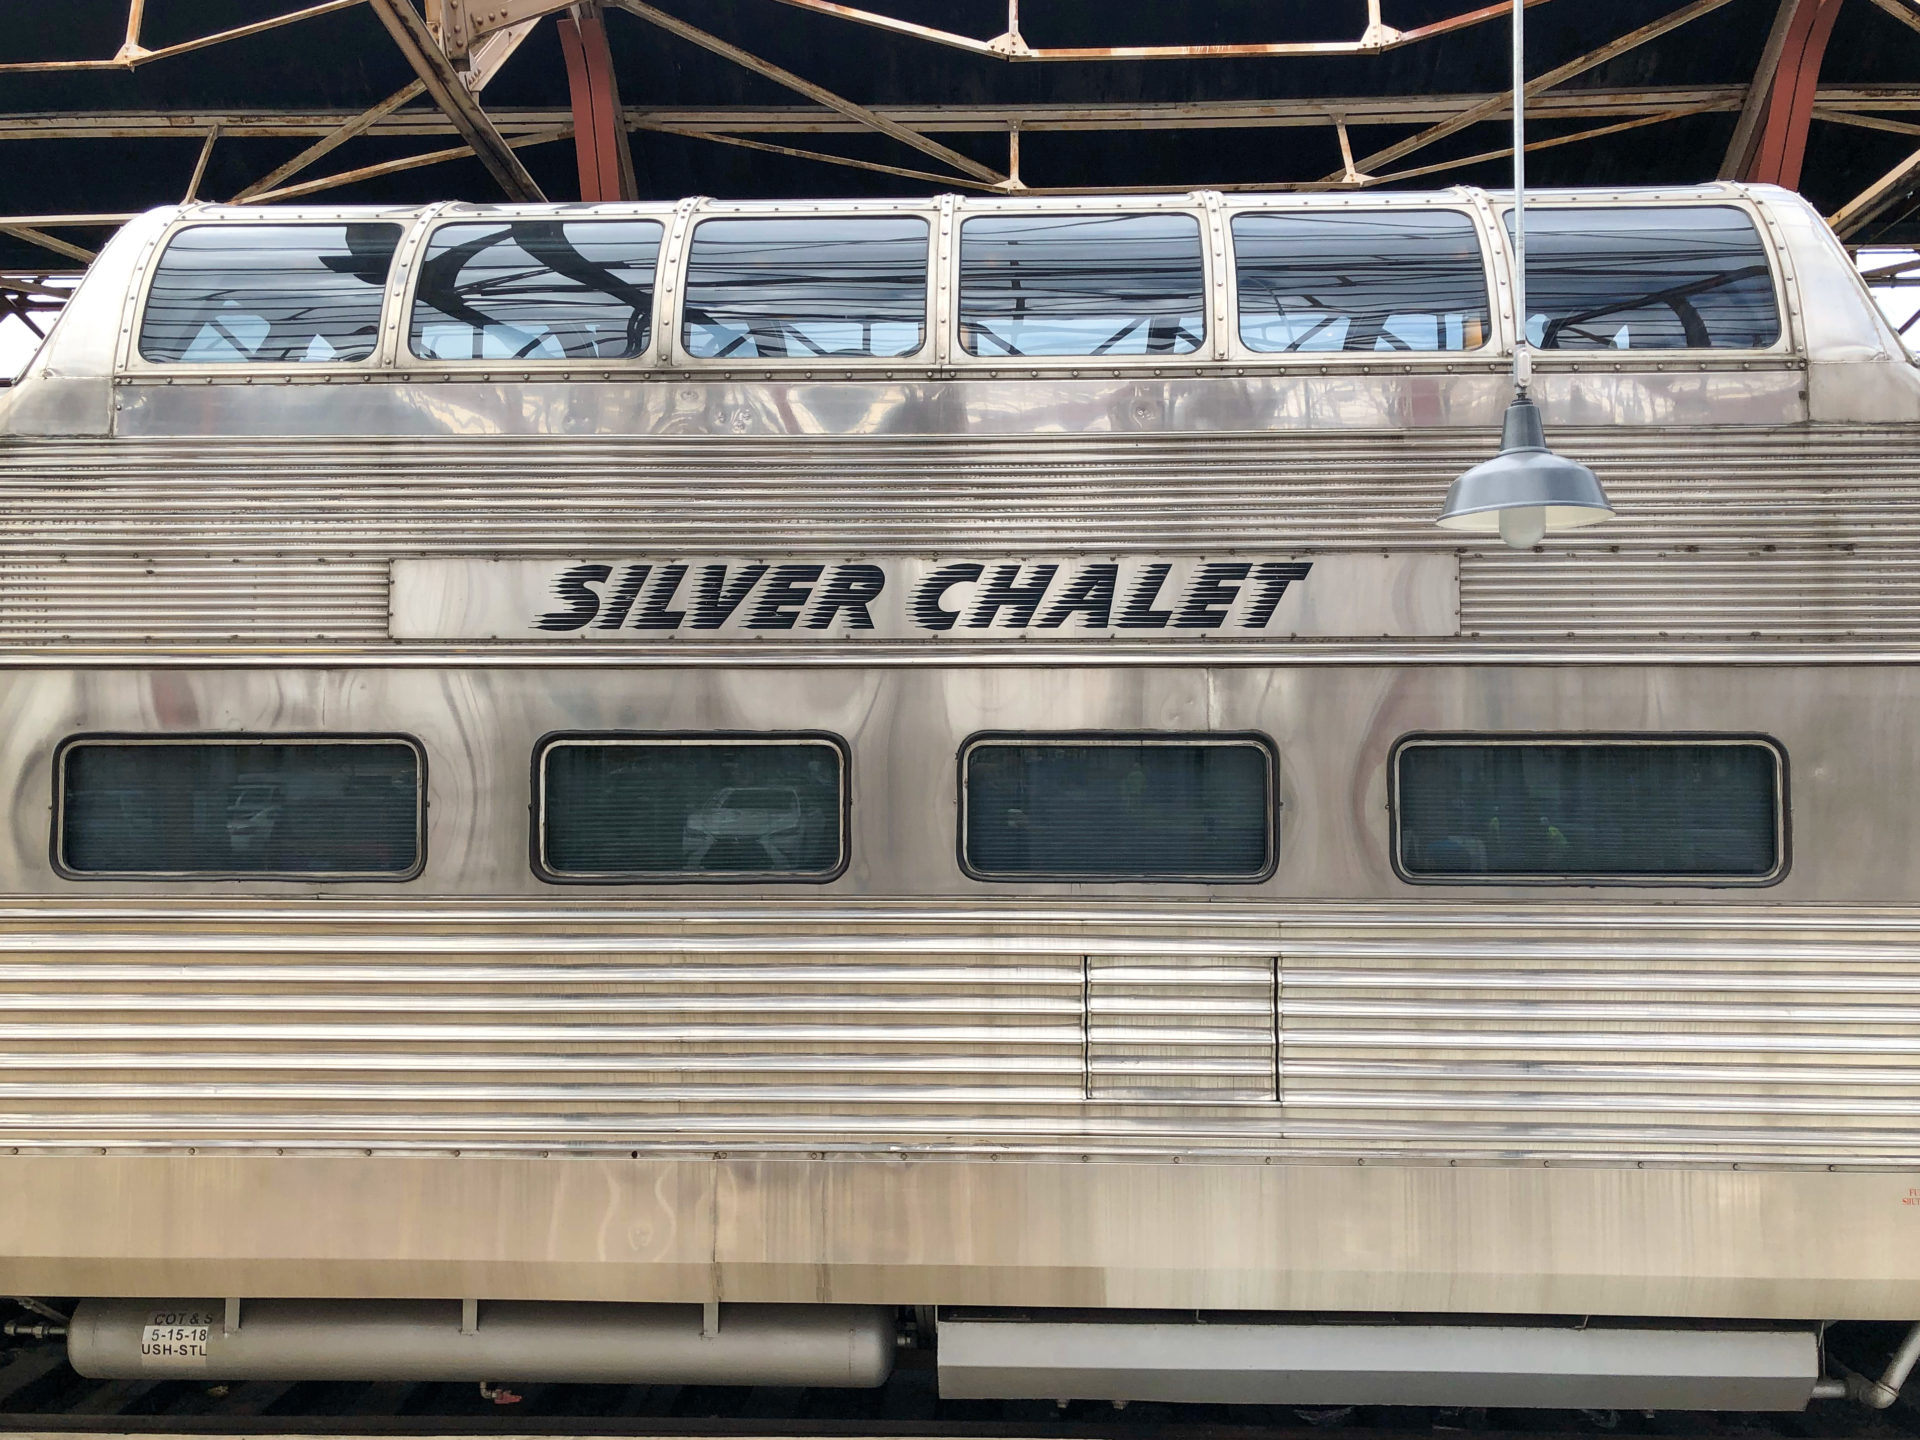 Der Aussichtswagen des Luxuszugs Silver Chalet im Bahnhof von Saint Louis